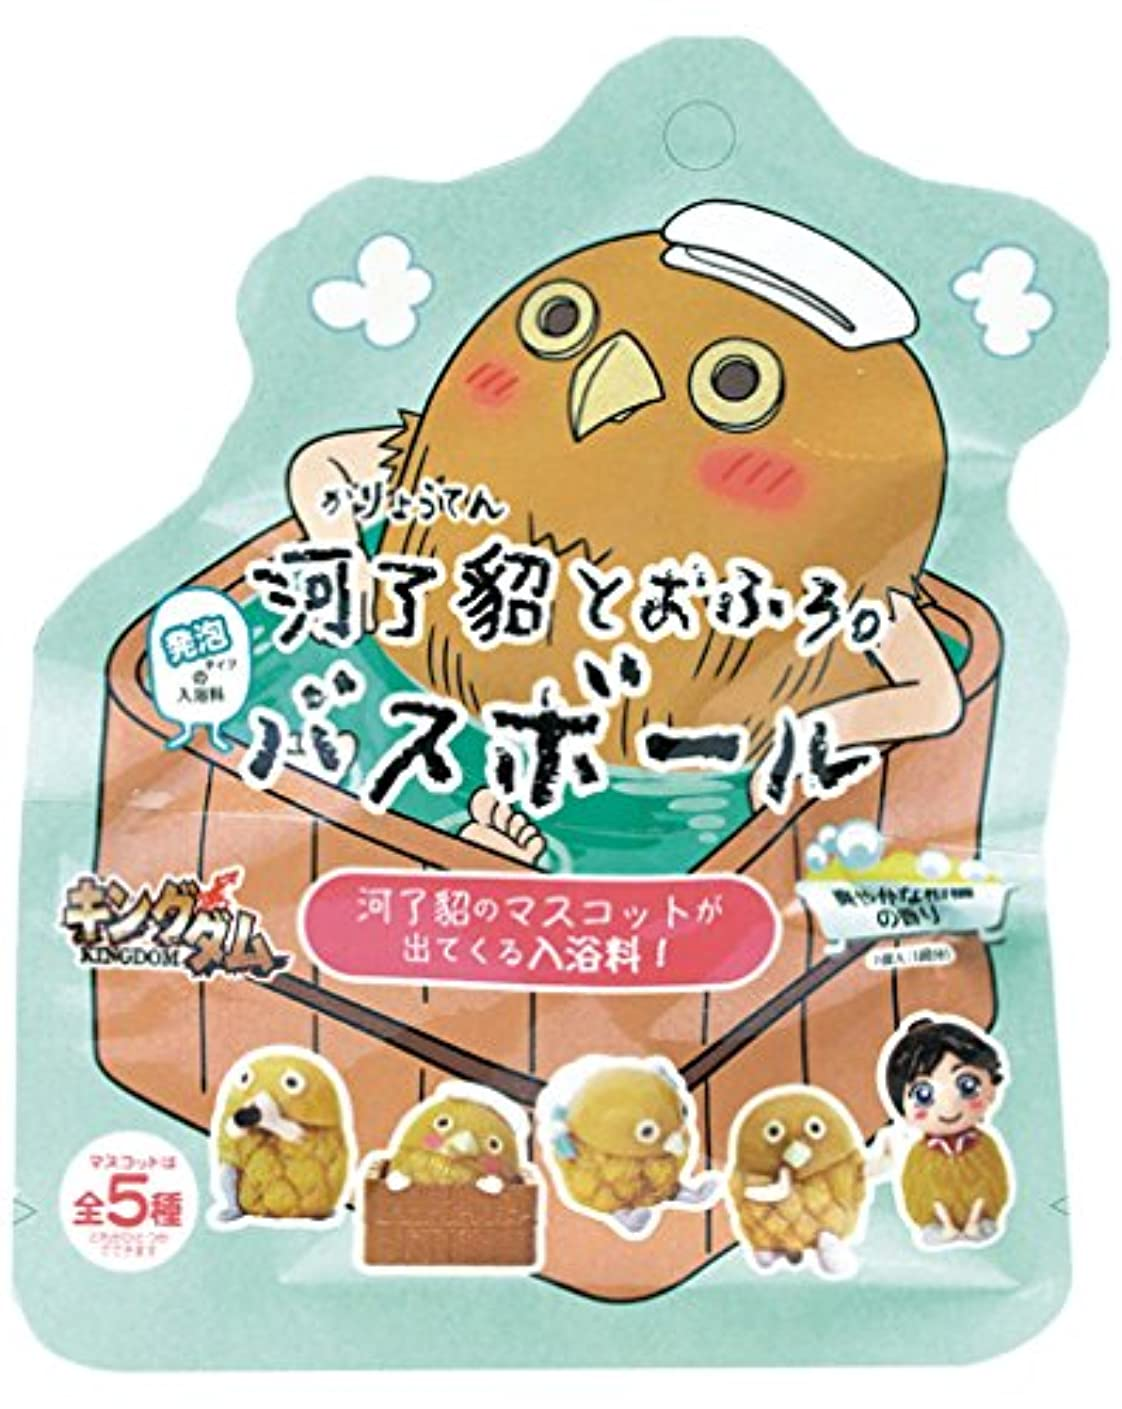 浪費細部空気キングダム 入浴剤 バスボール 柑橘の香り 60g マスコット入り OB-GMB-1-1